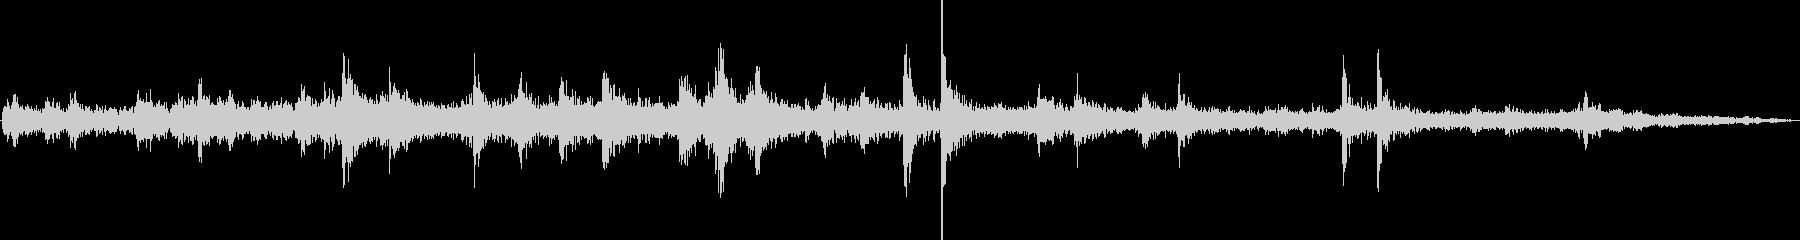 電車発車(車外で録音)の未再生の波形